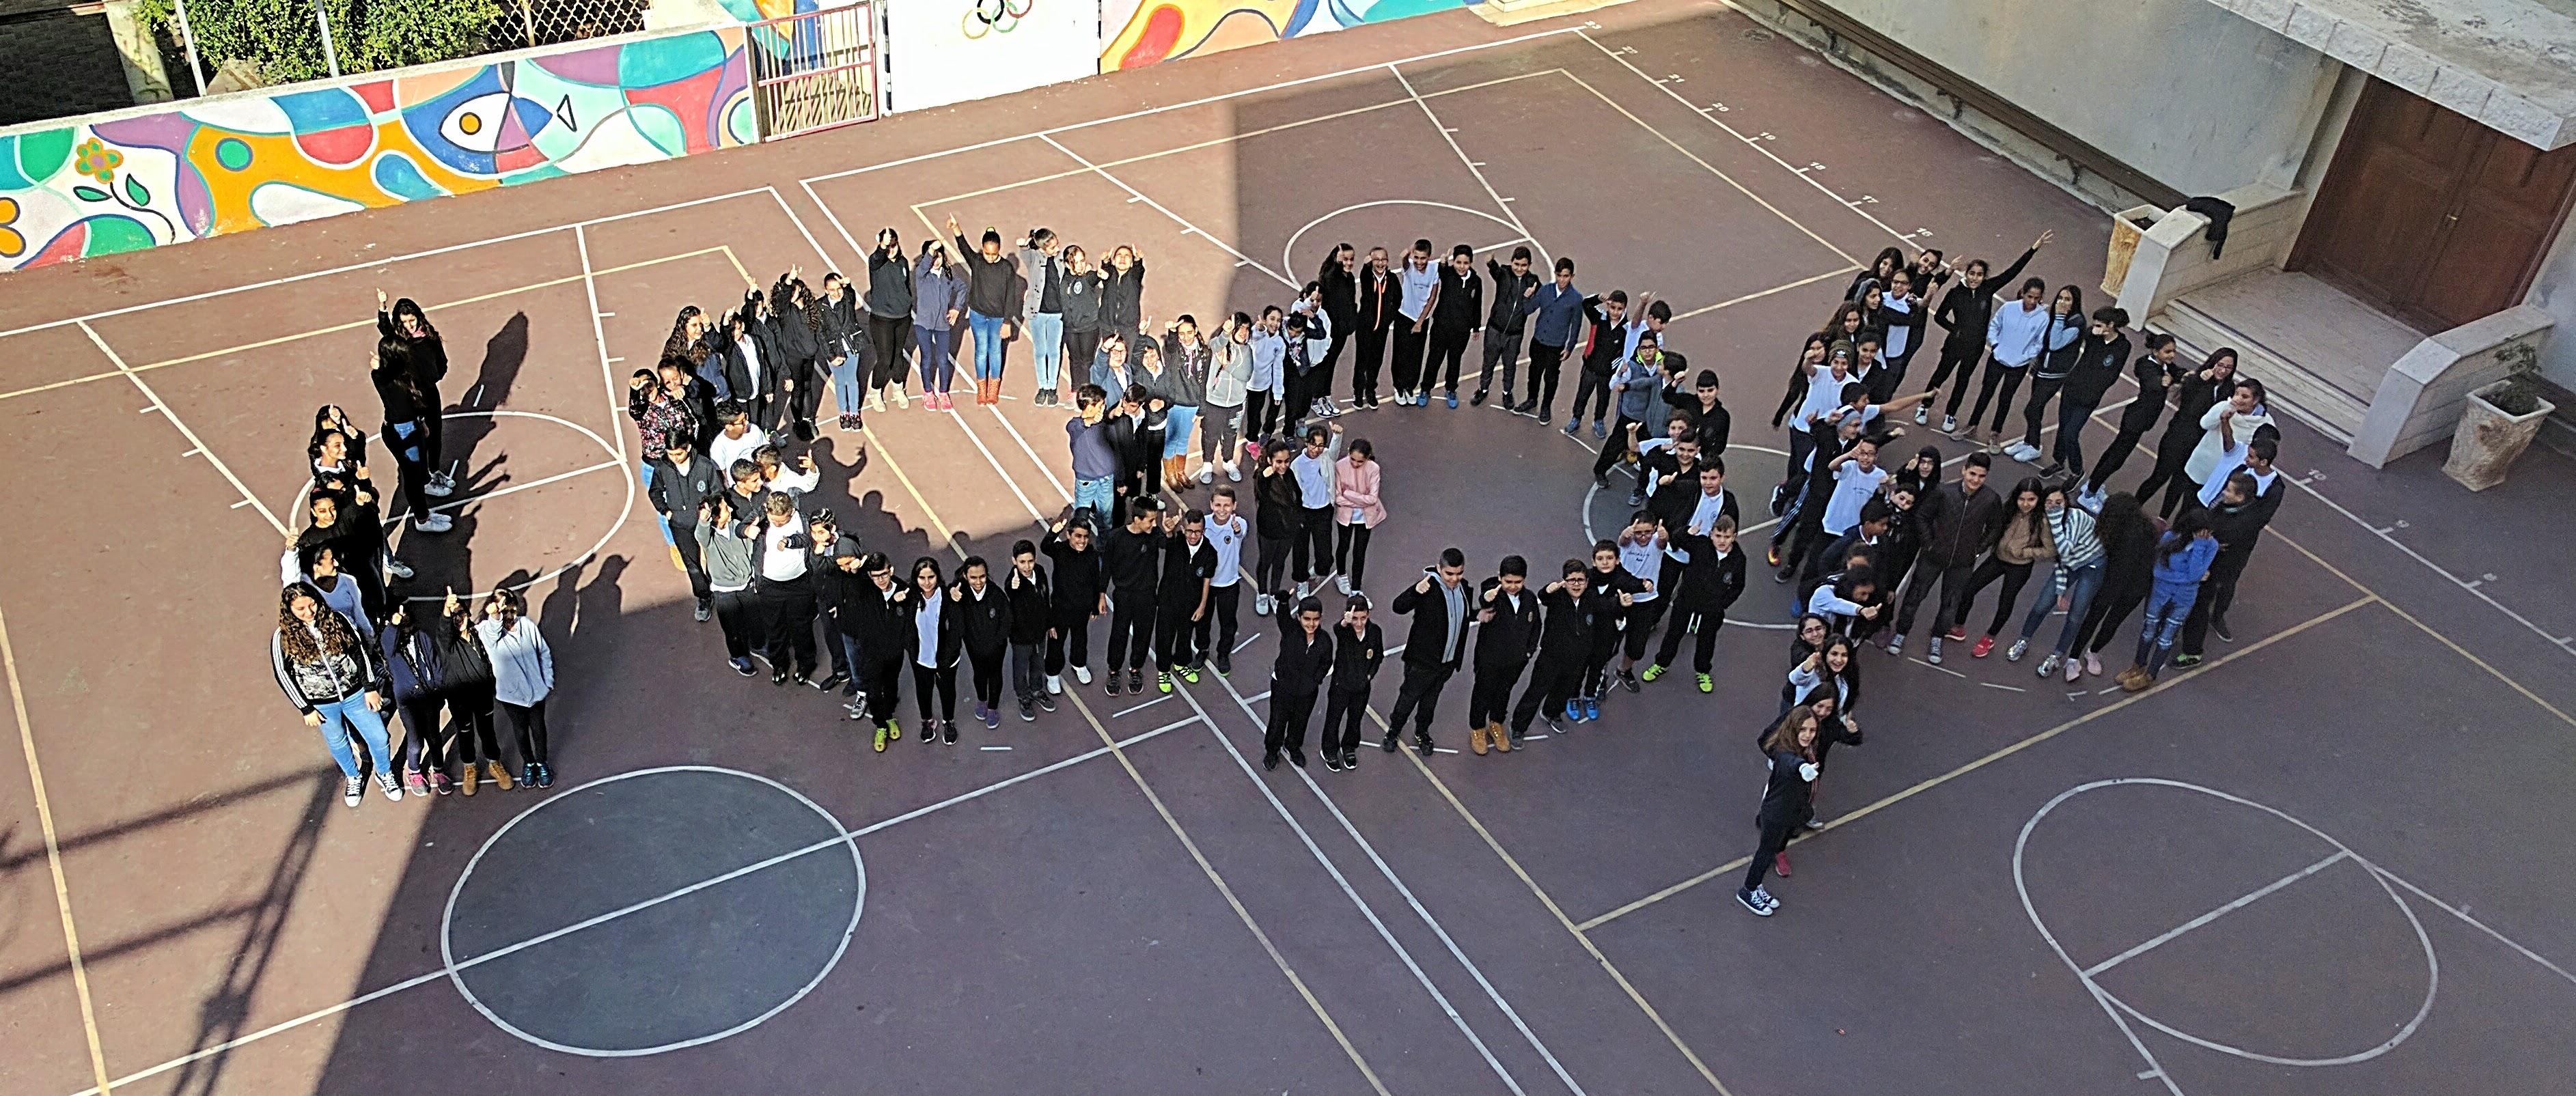 School kids making the loop